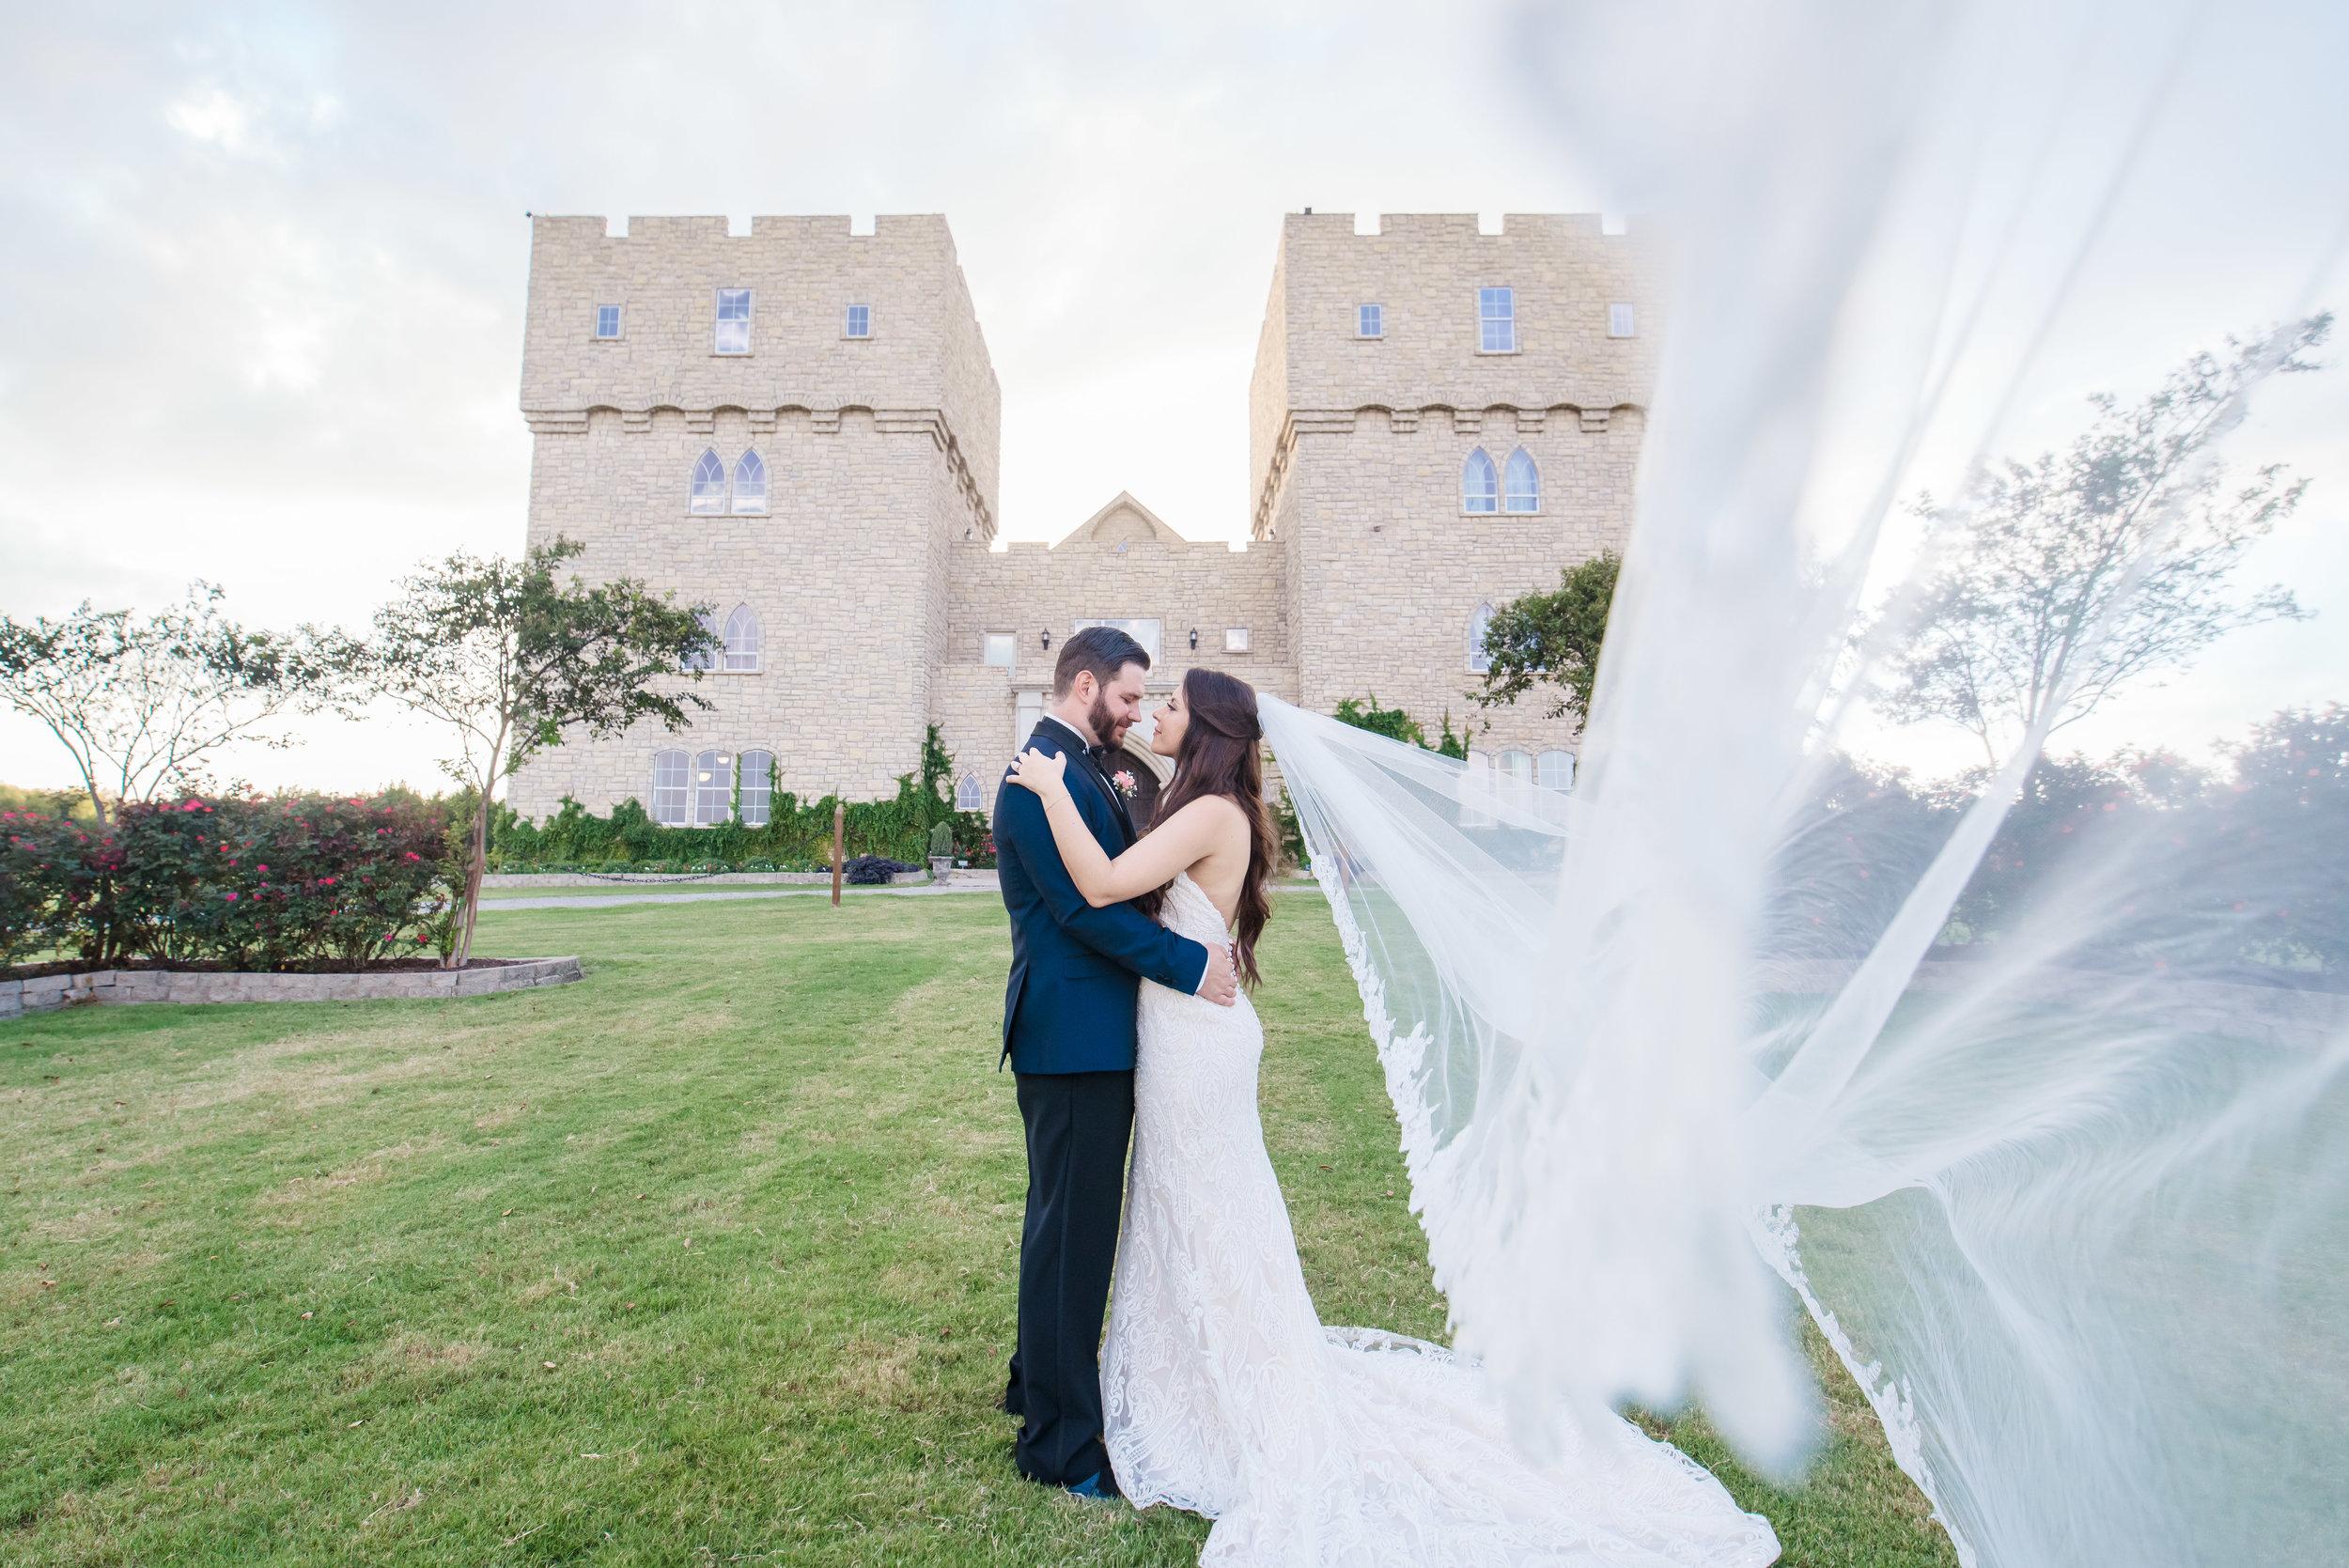 100618_MelonieClayton_wedding-382.jpg